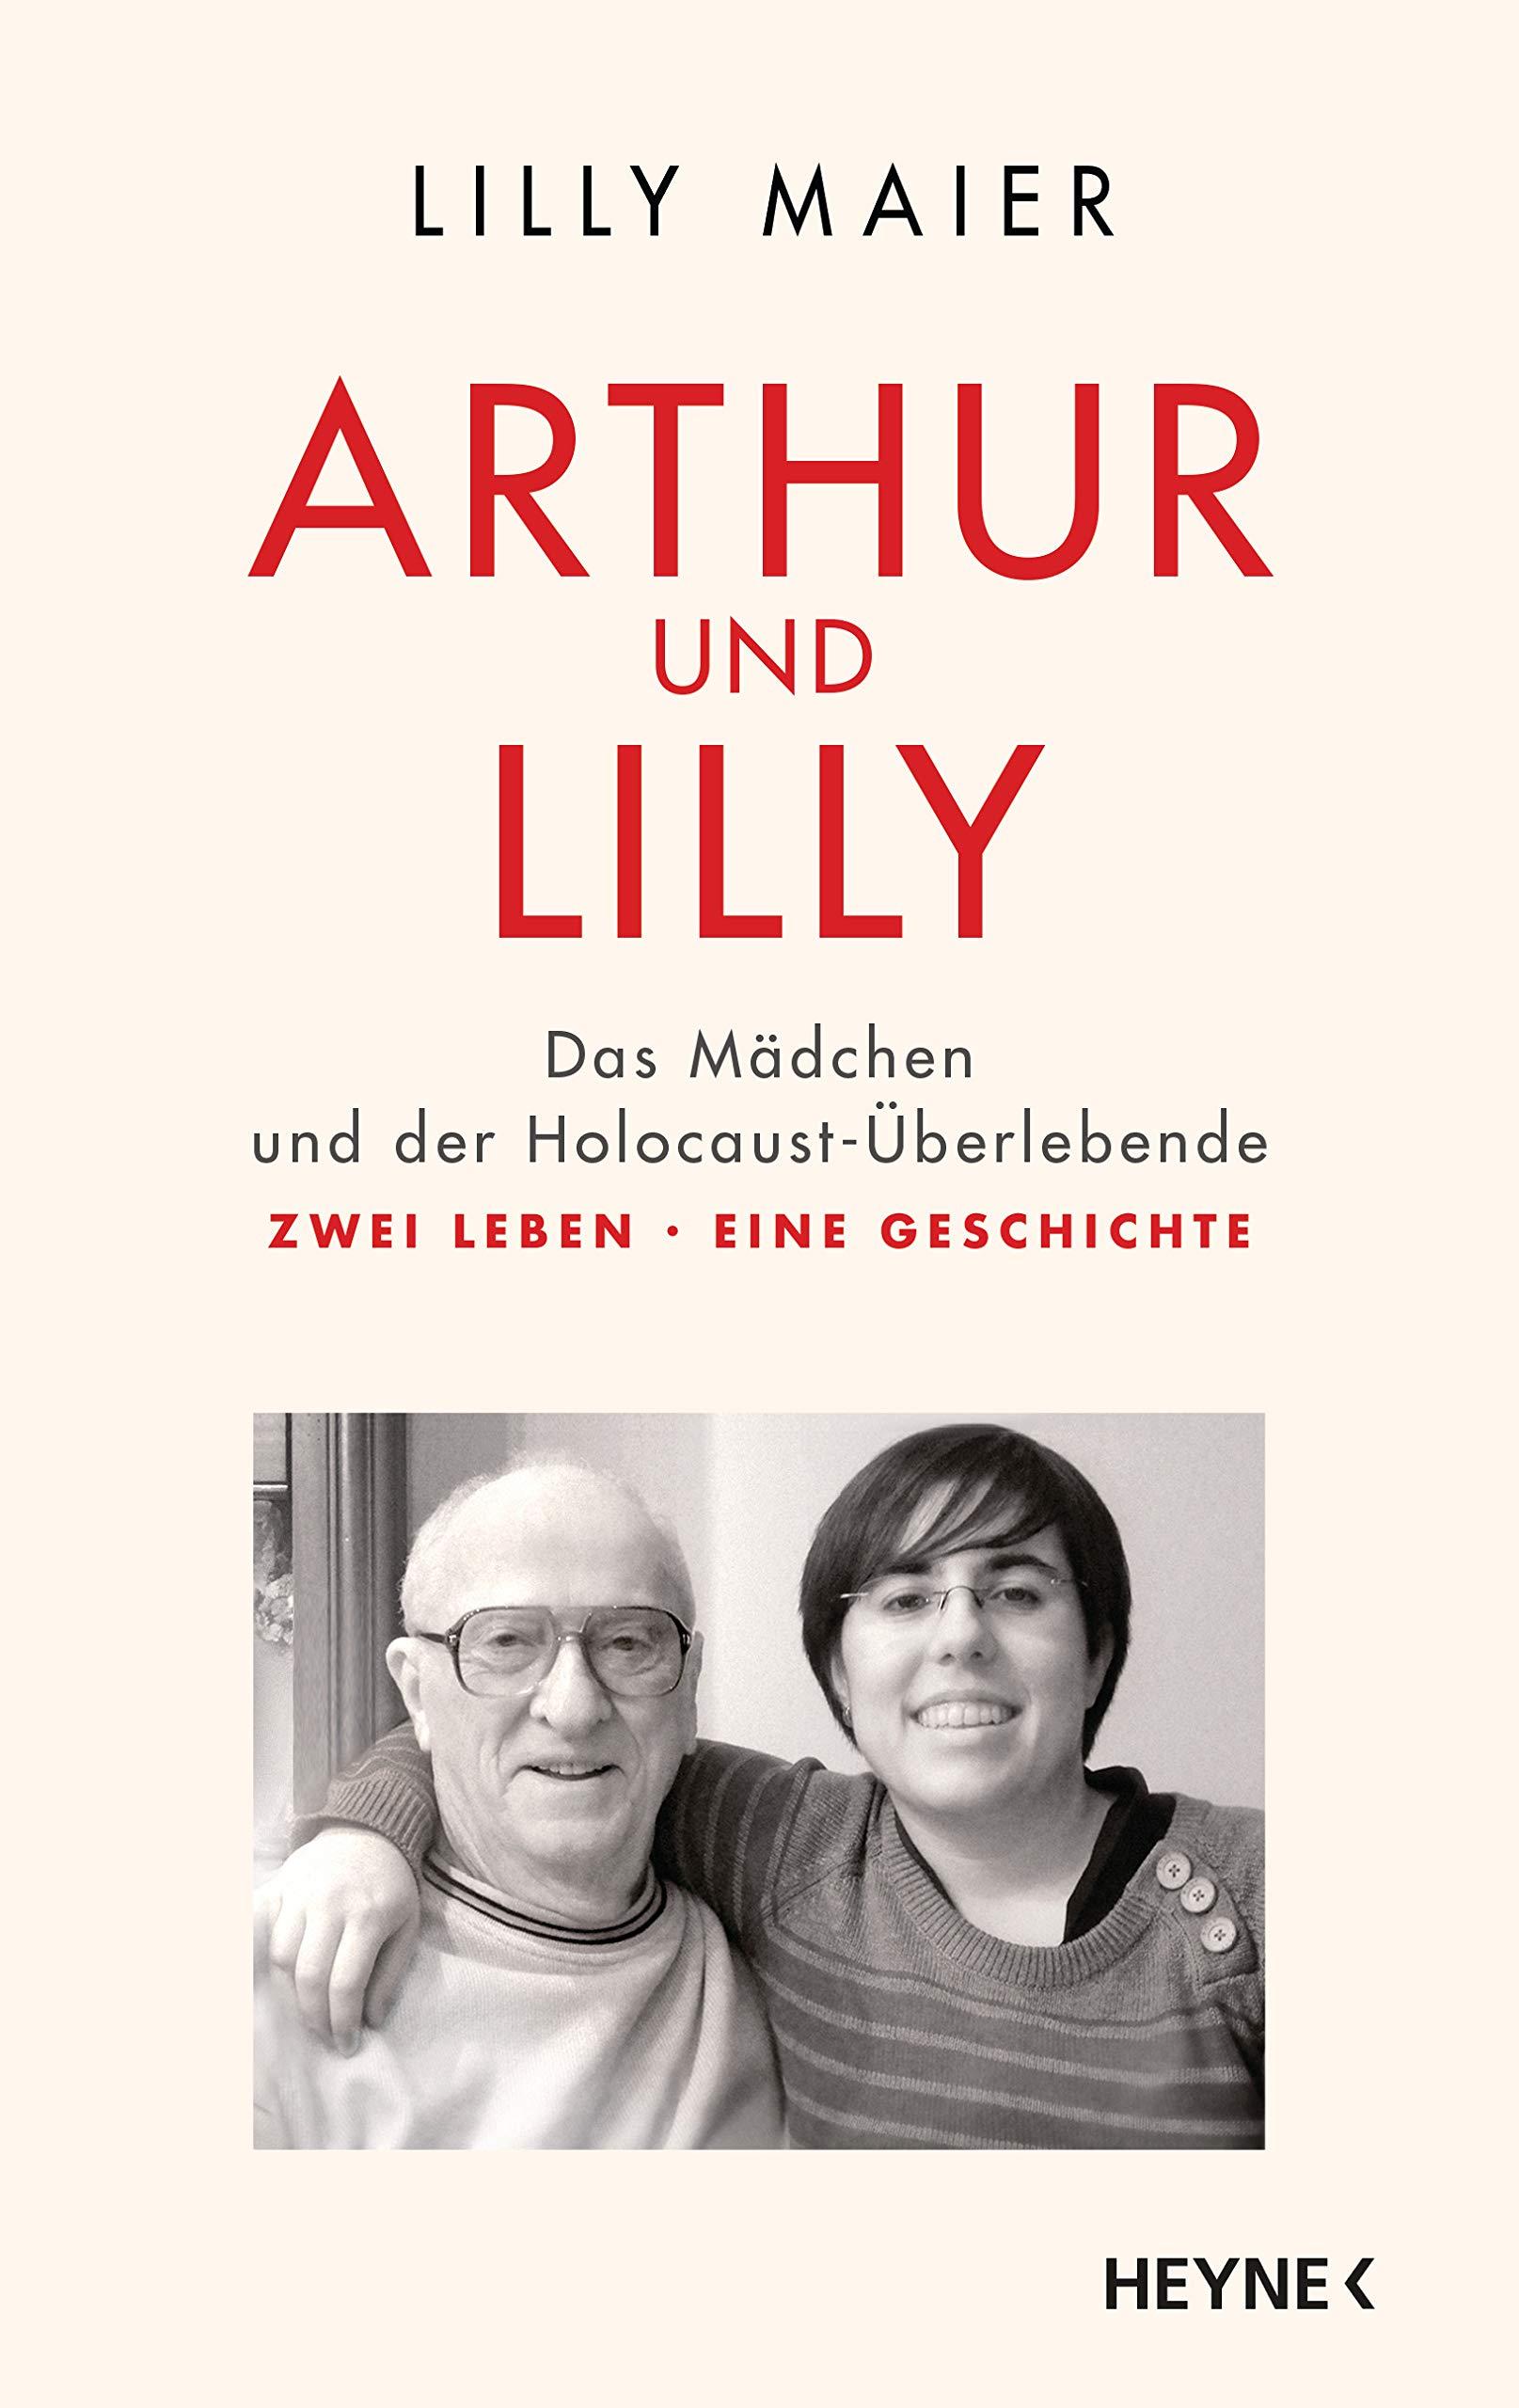 LILLY MAIER/ARTHUR UND LILLY: DAS MÄDCHEN UND DER HOLOCAUST-ÜBERLEBENDE – ZWEI LEBEN, EINE GESCHICHTE